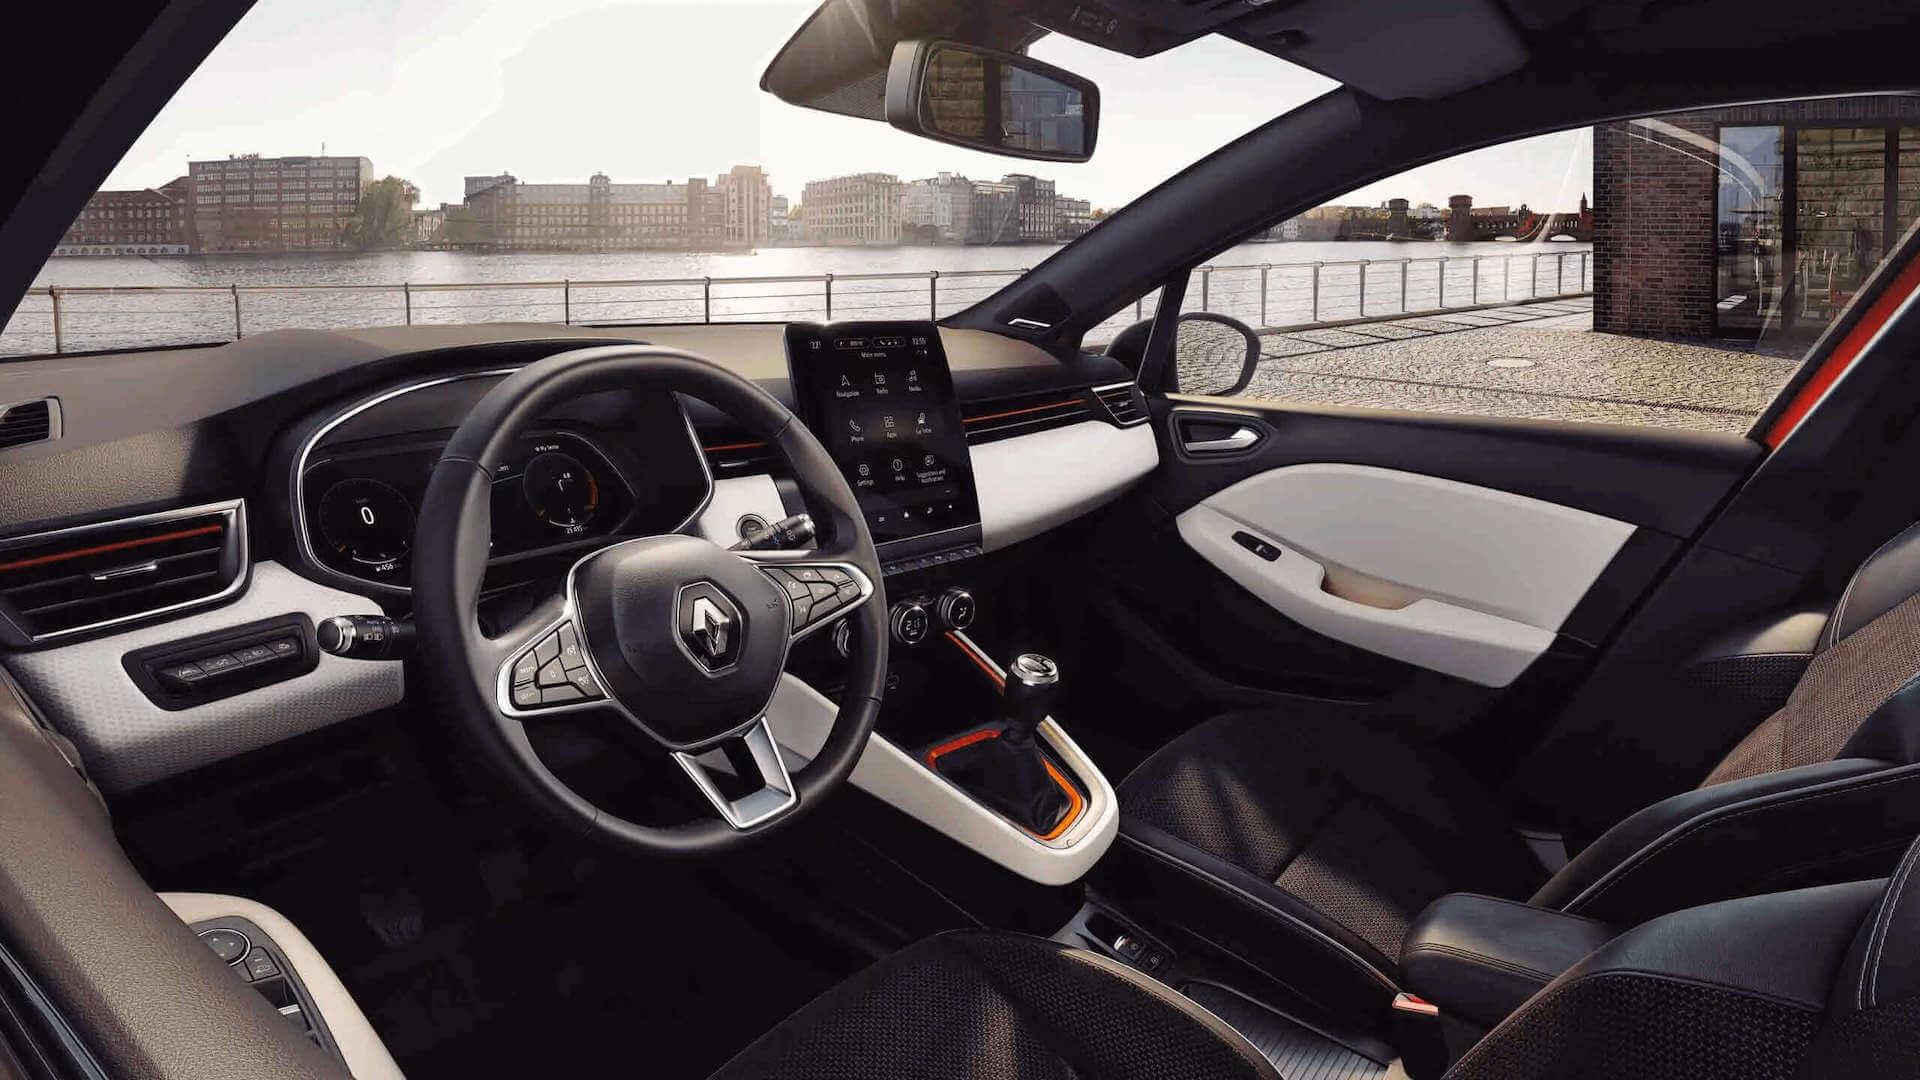 Cockpit - Auto von innen - Renault Clio - Renault Ahrens Hannover